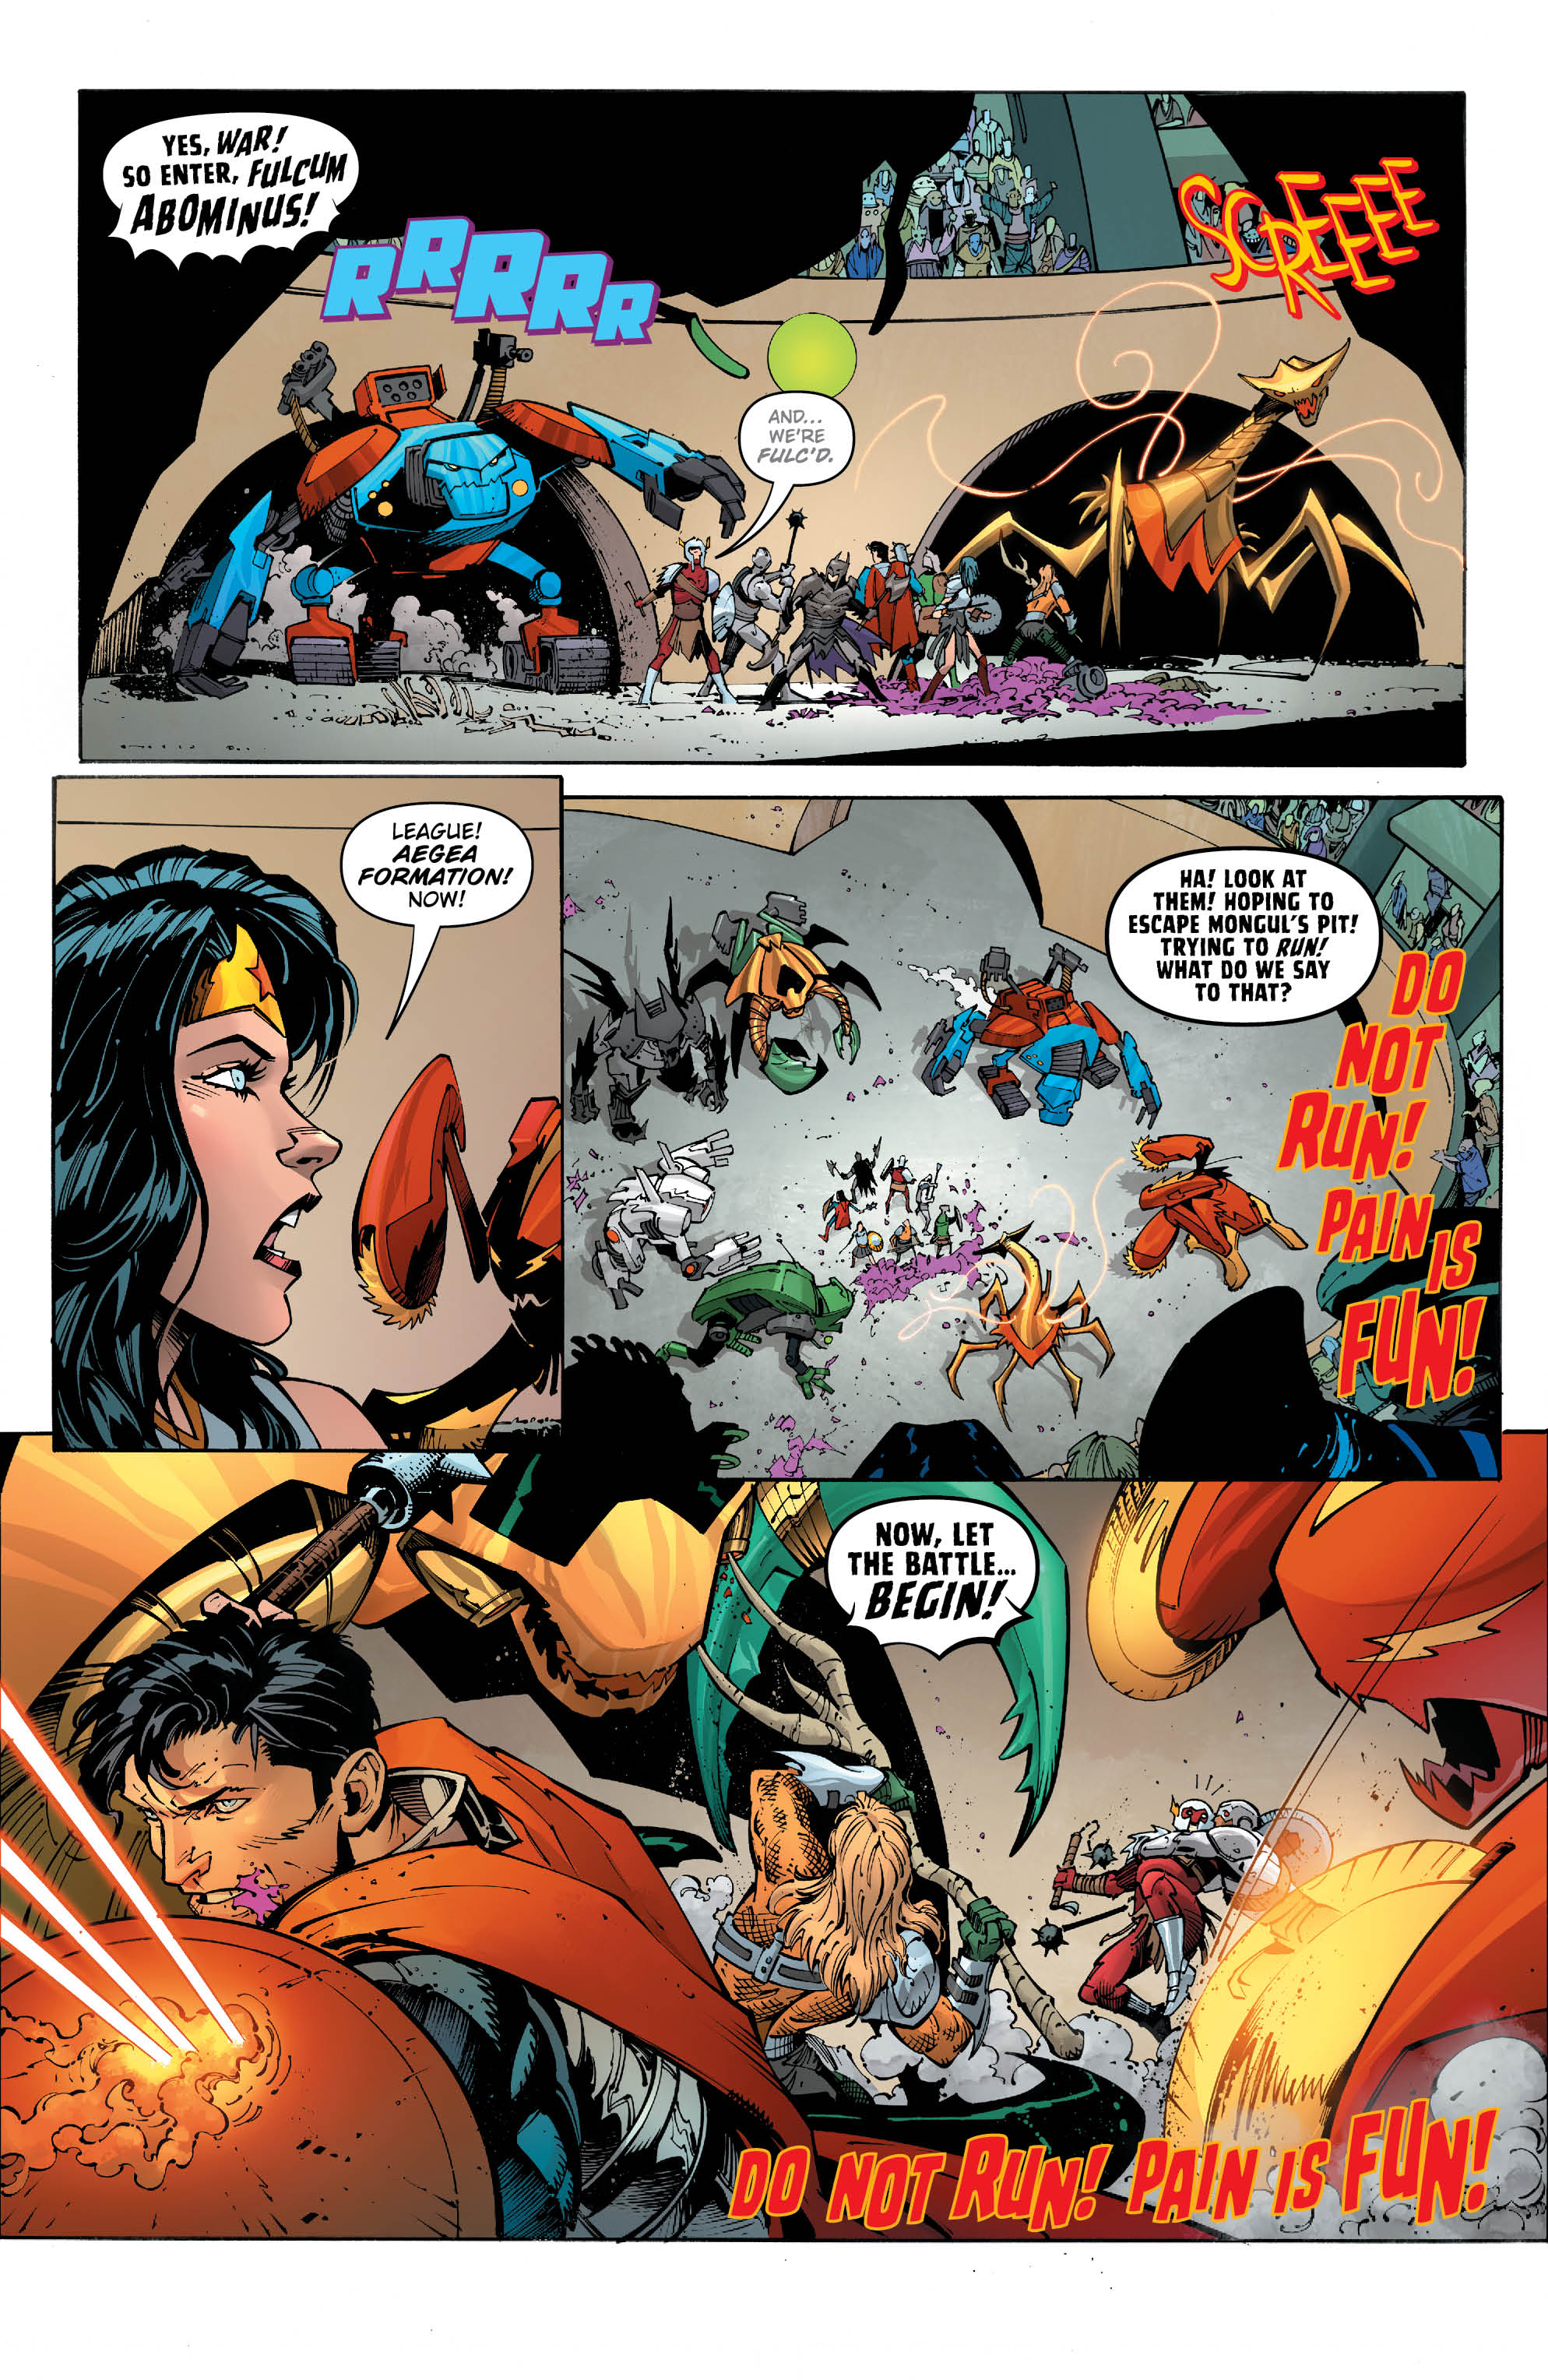 Metal Page 1 - DC Comics News